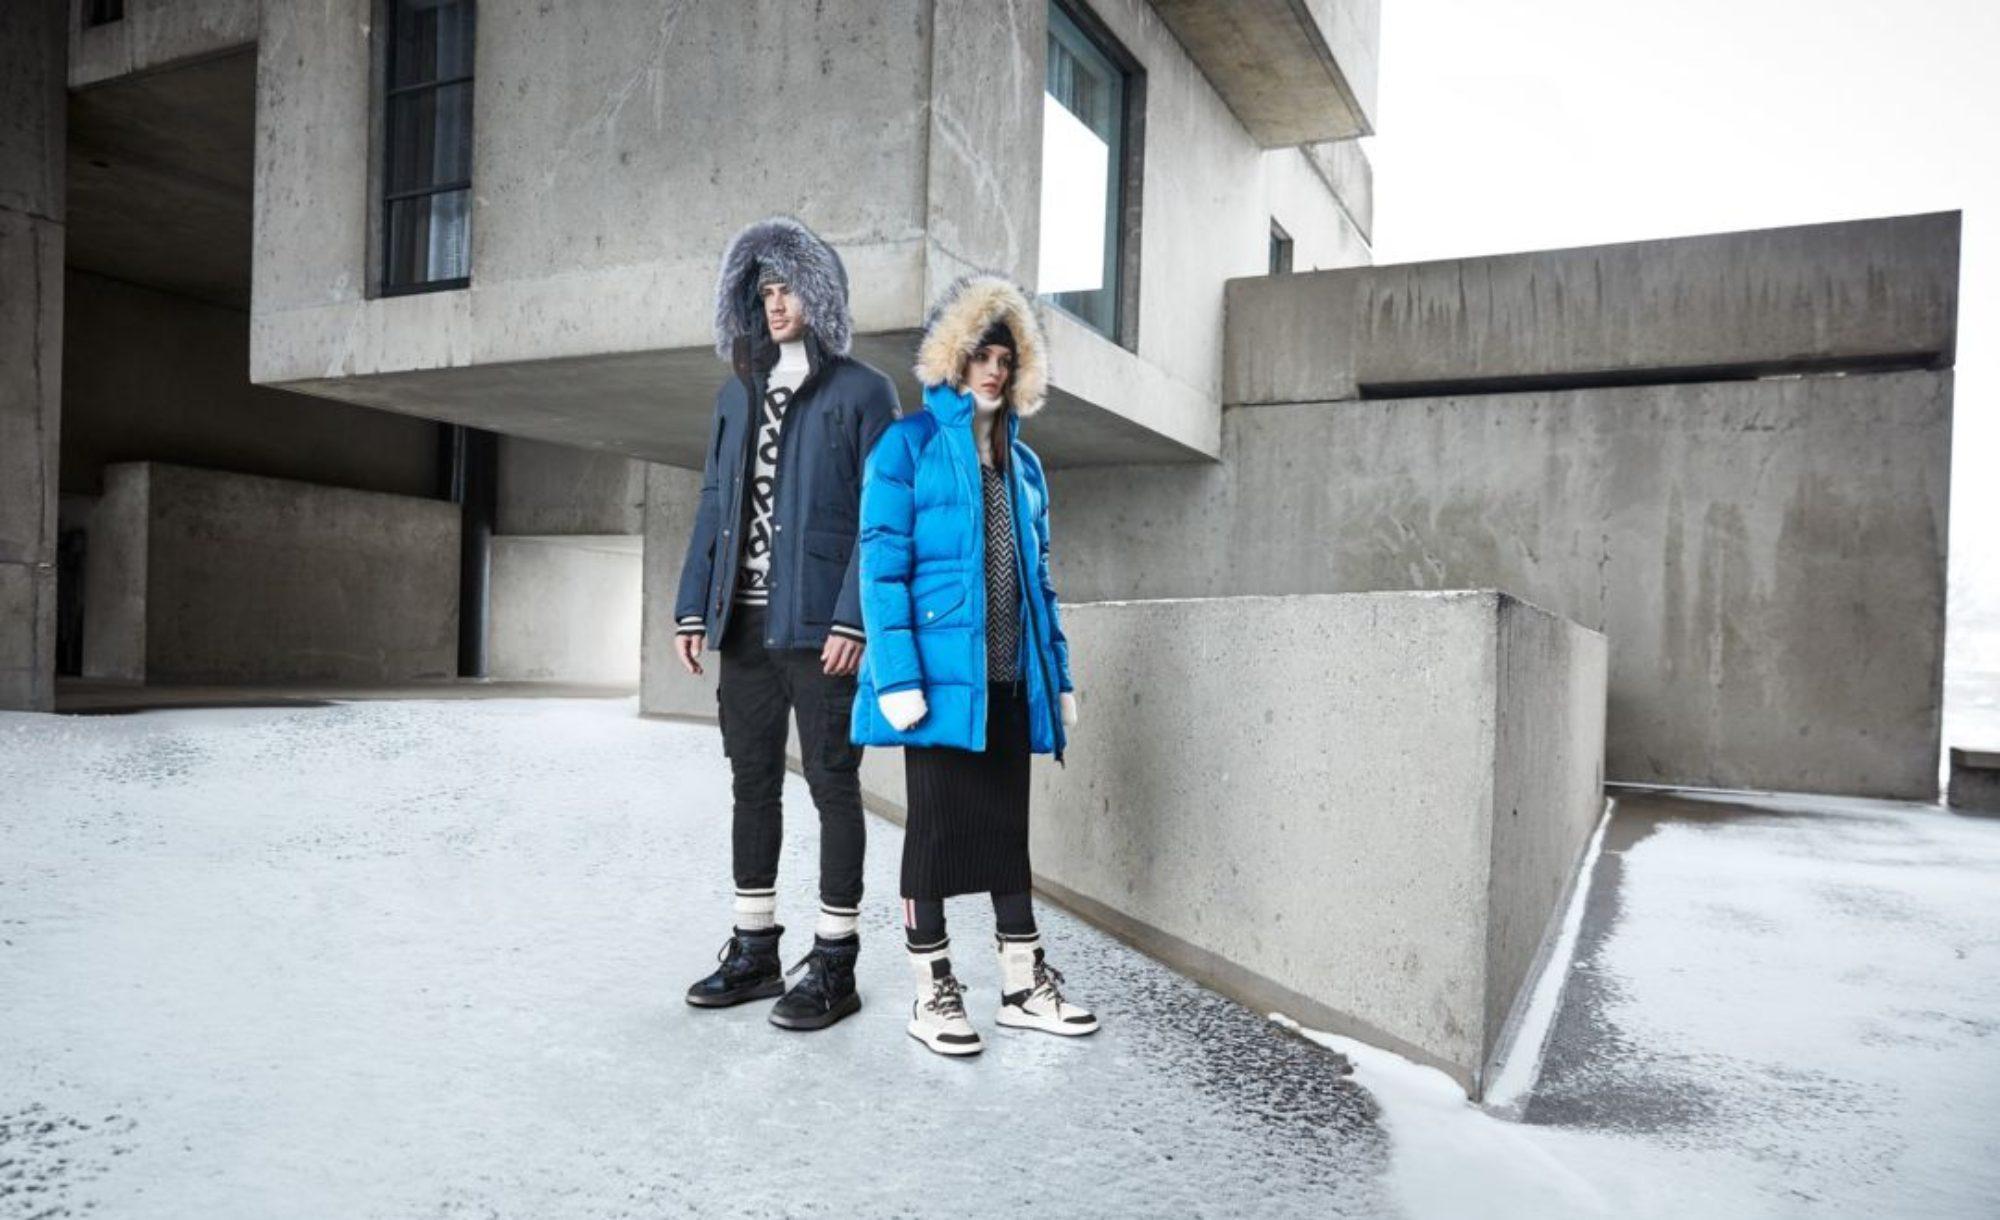 ハートランド福岡 公式サイト|HEART LAND Fukuoka